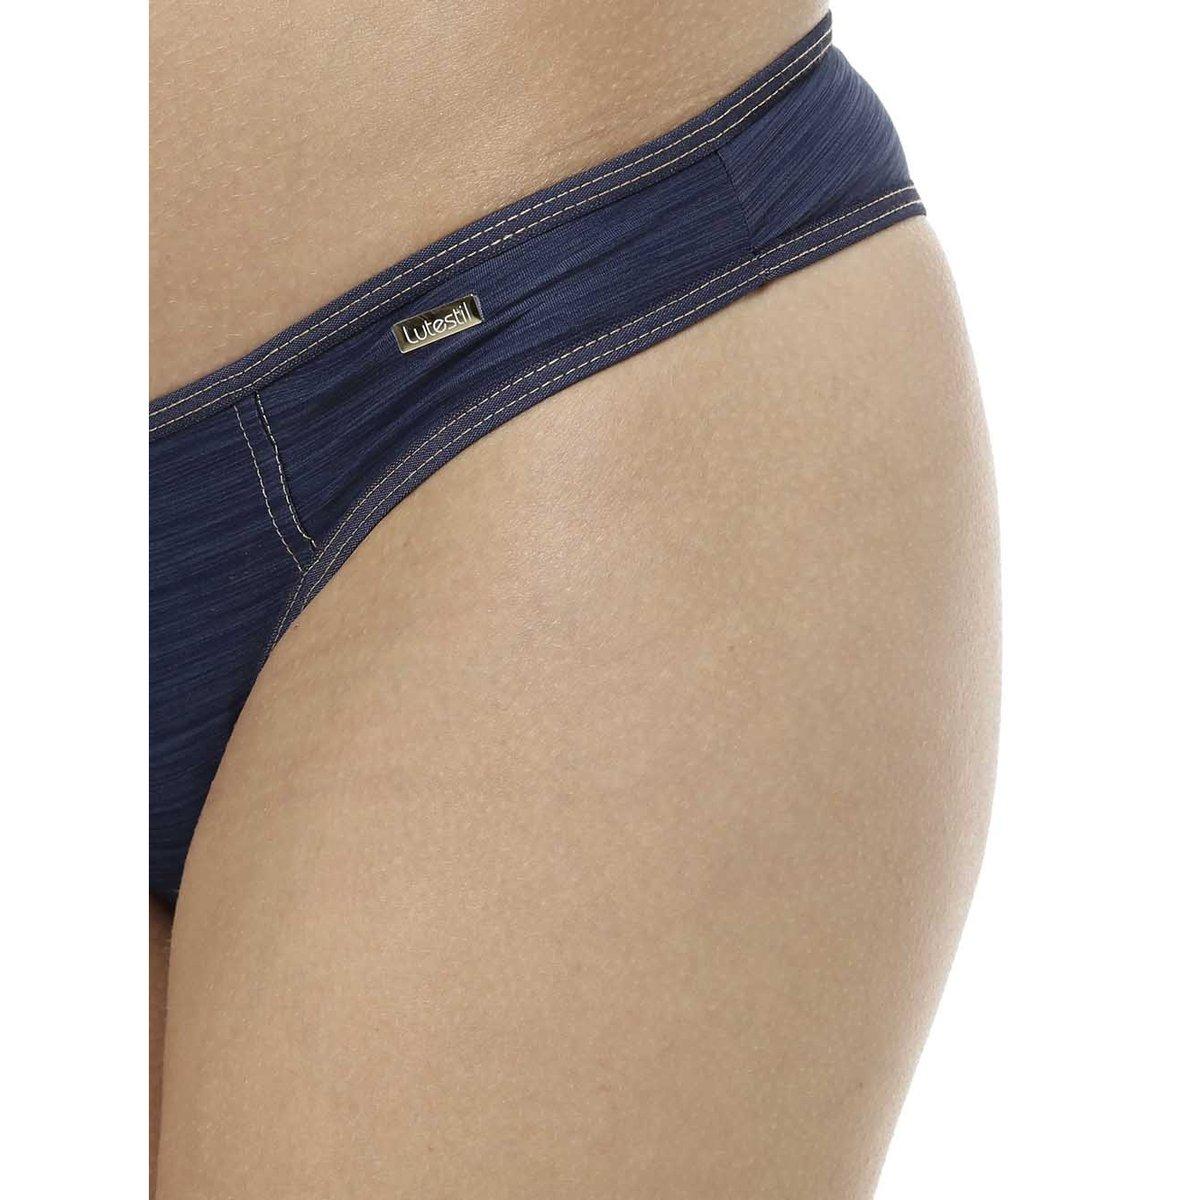 cff93037c Calcinha Feminina Azul marinho - Compre Agora